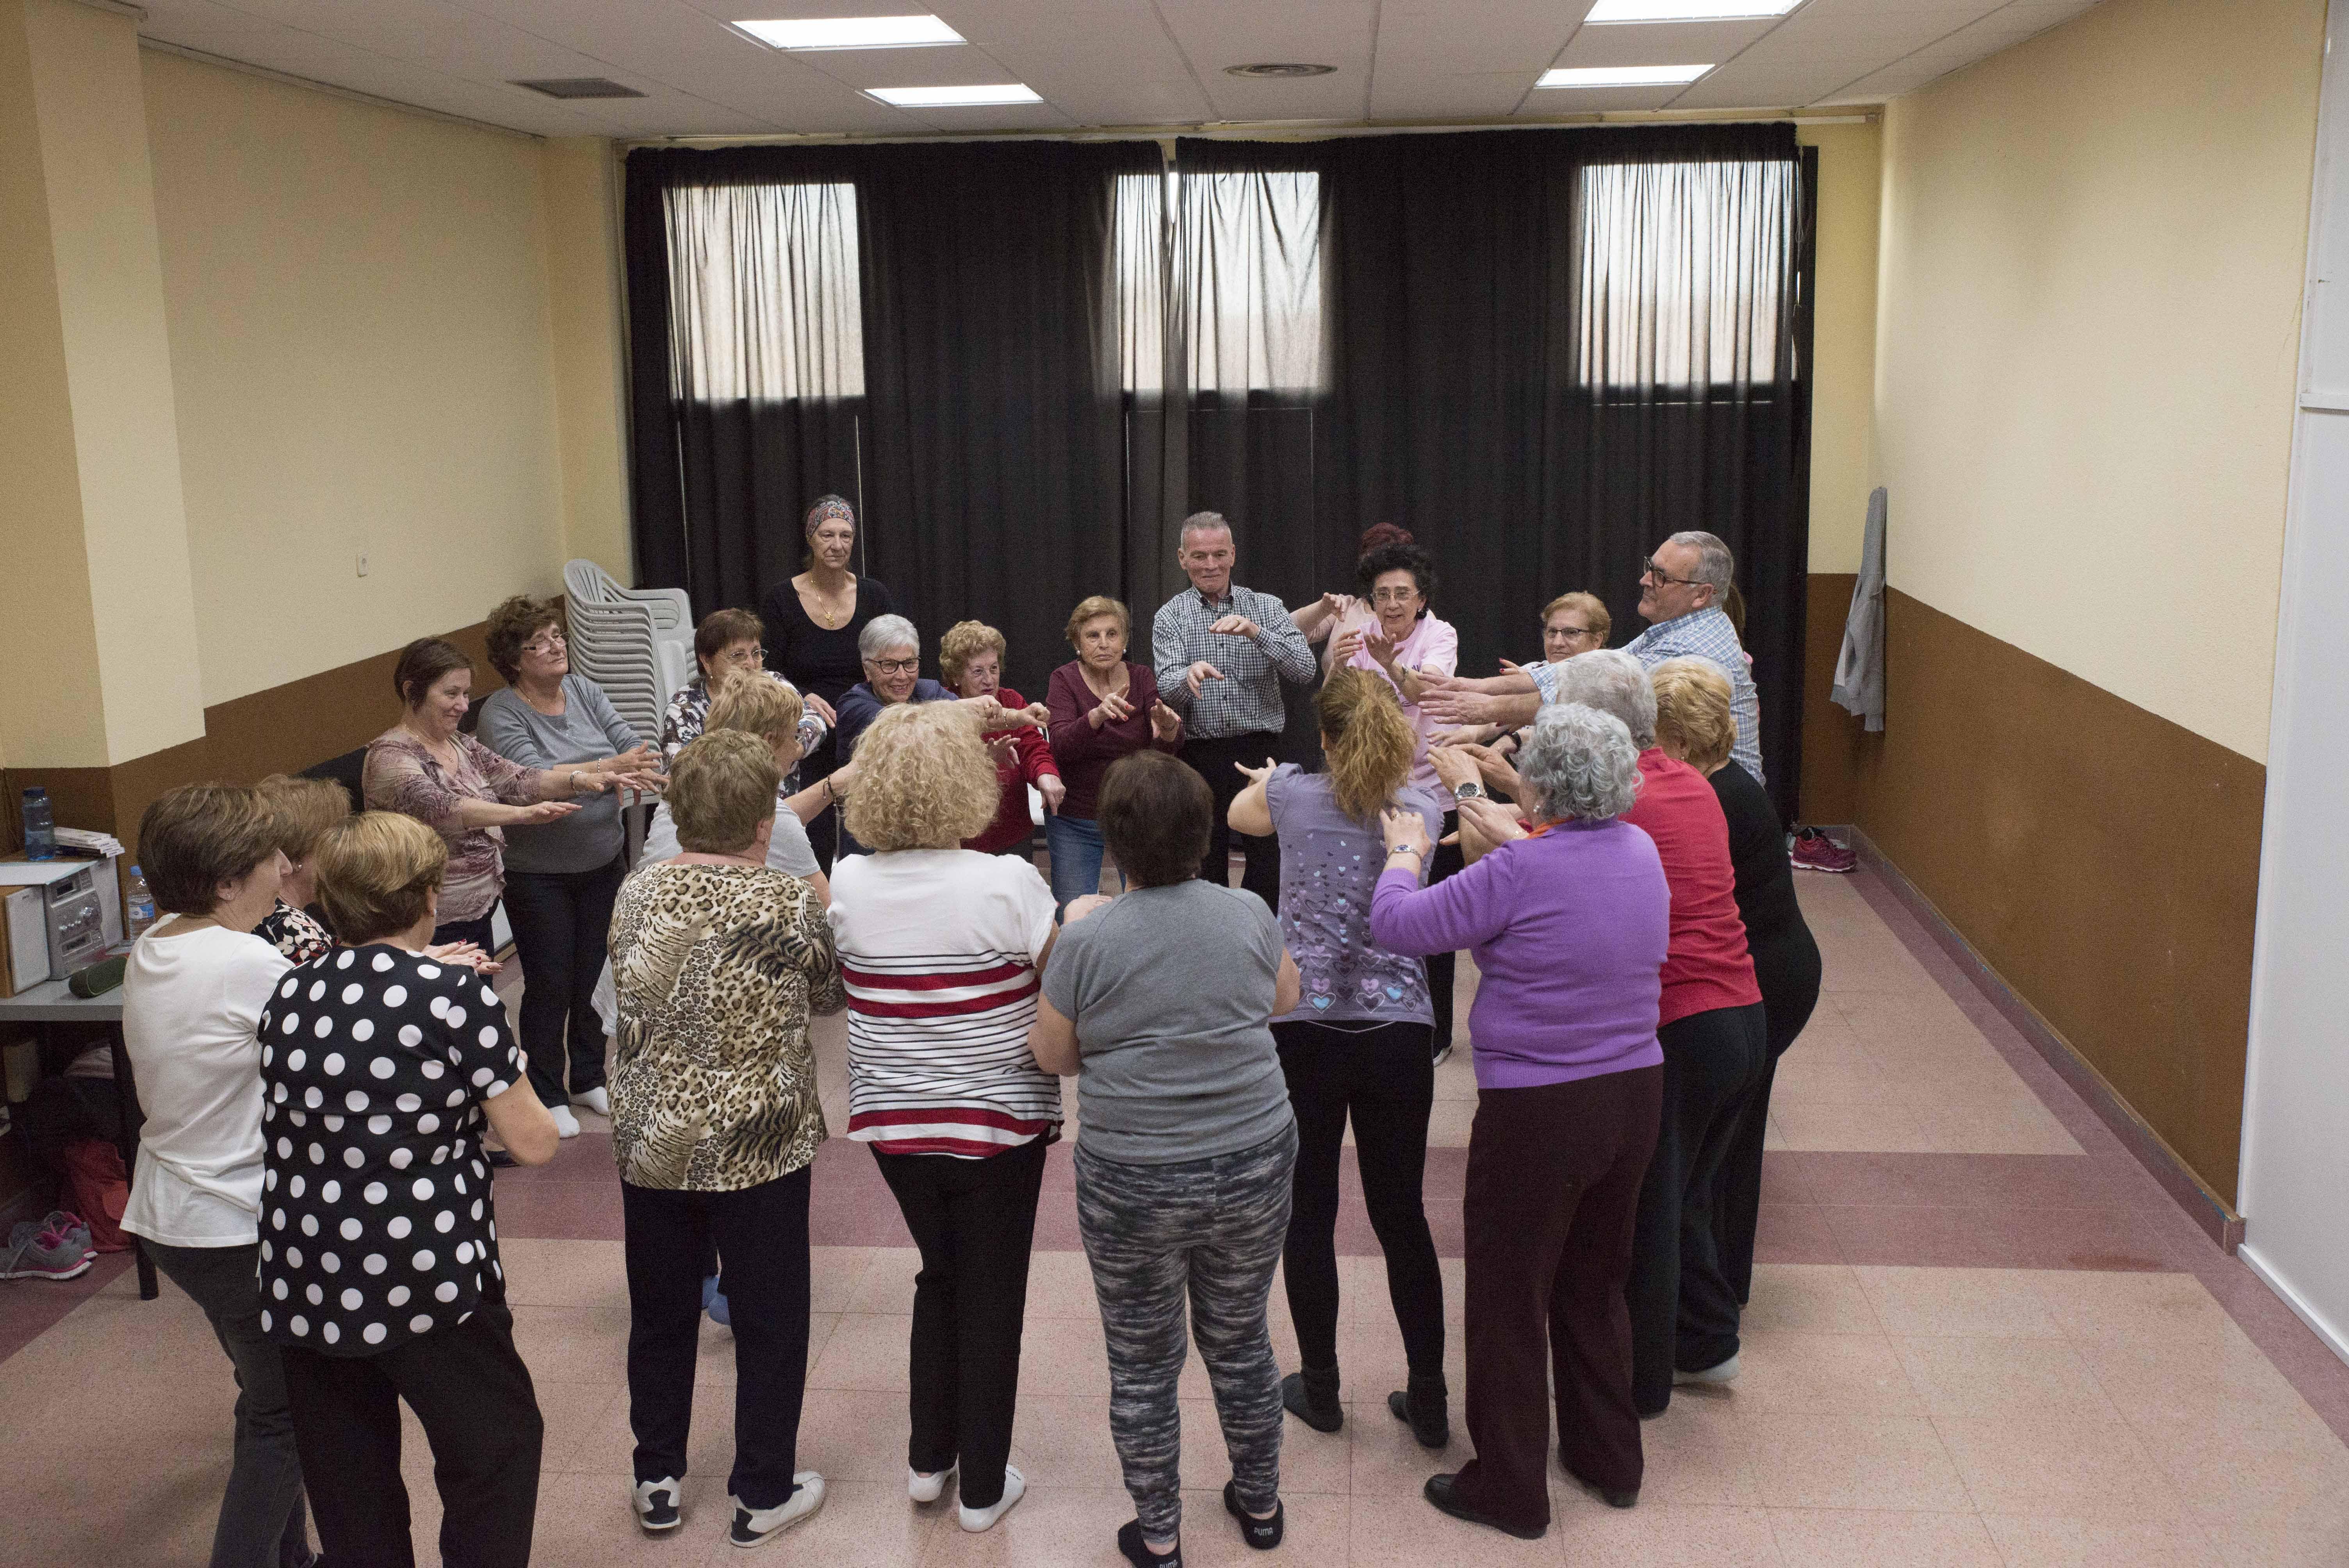 Comienza el taller de bailoterapia en el Hogar del Mayor